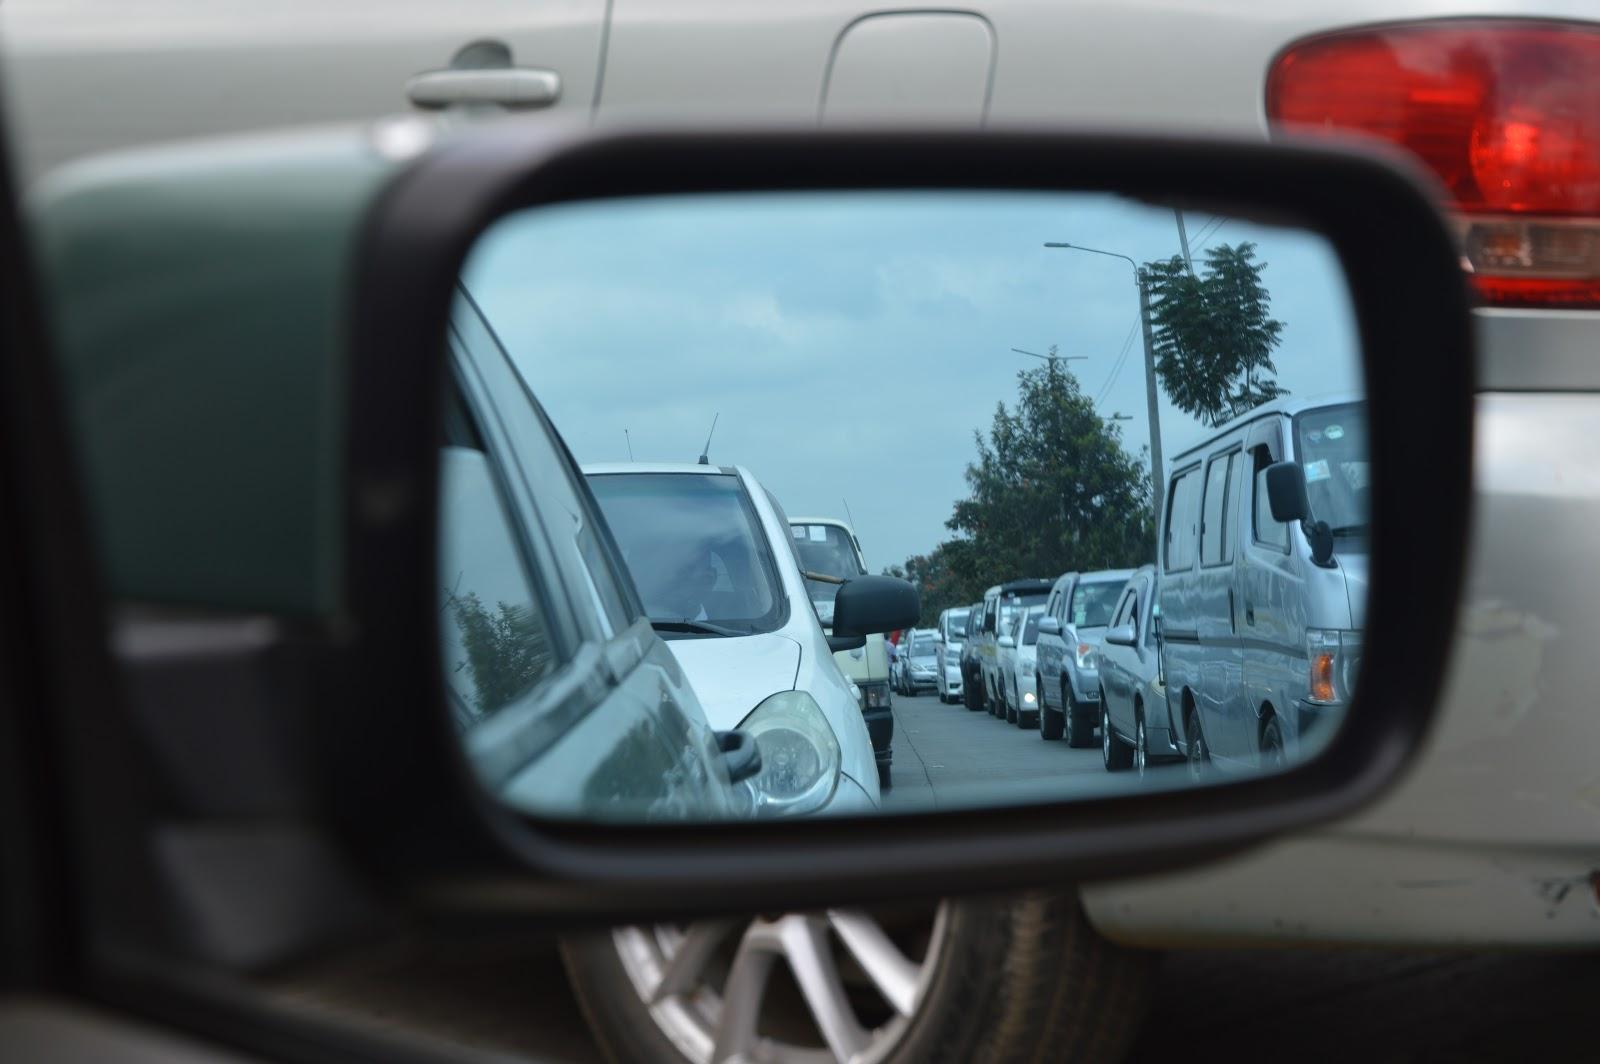 Sistema de cobrança por congestionamento é estudado como alternativa para crise do transporte público. (Fonte: Pexels)